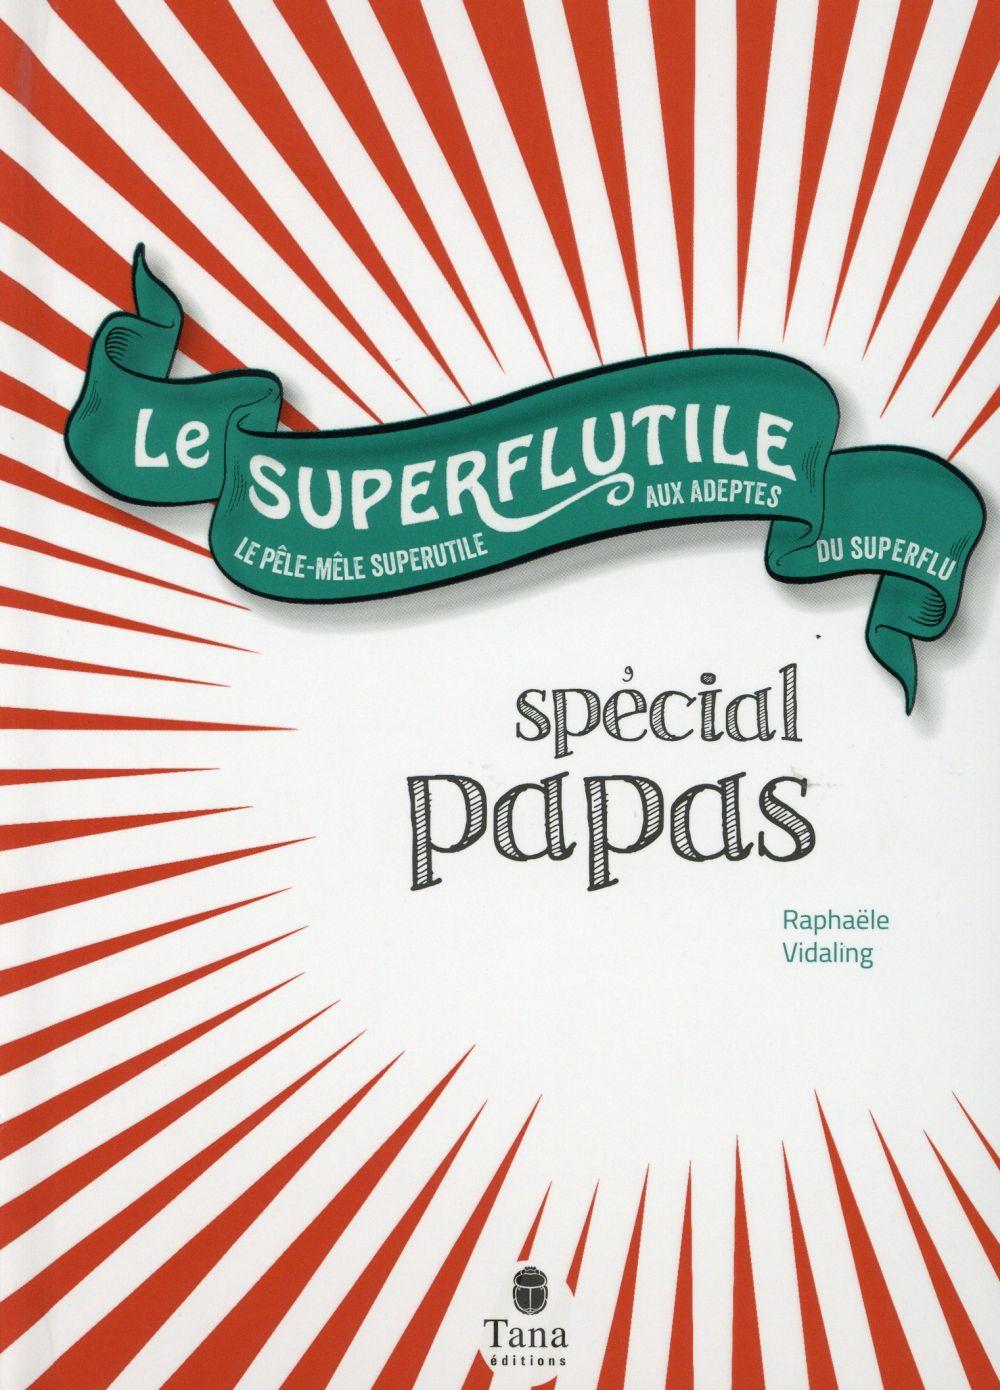 Le superflutile ; spécial papas